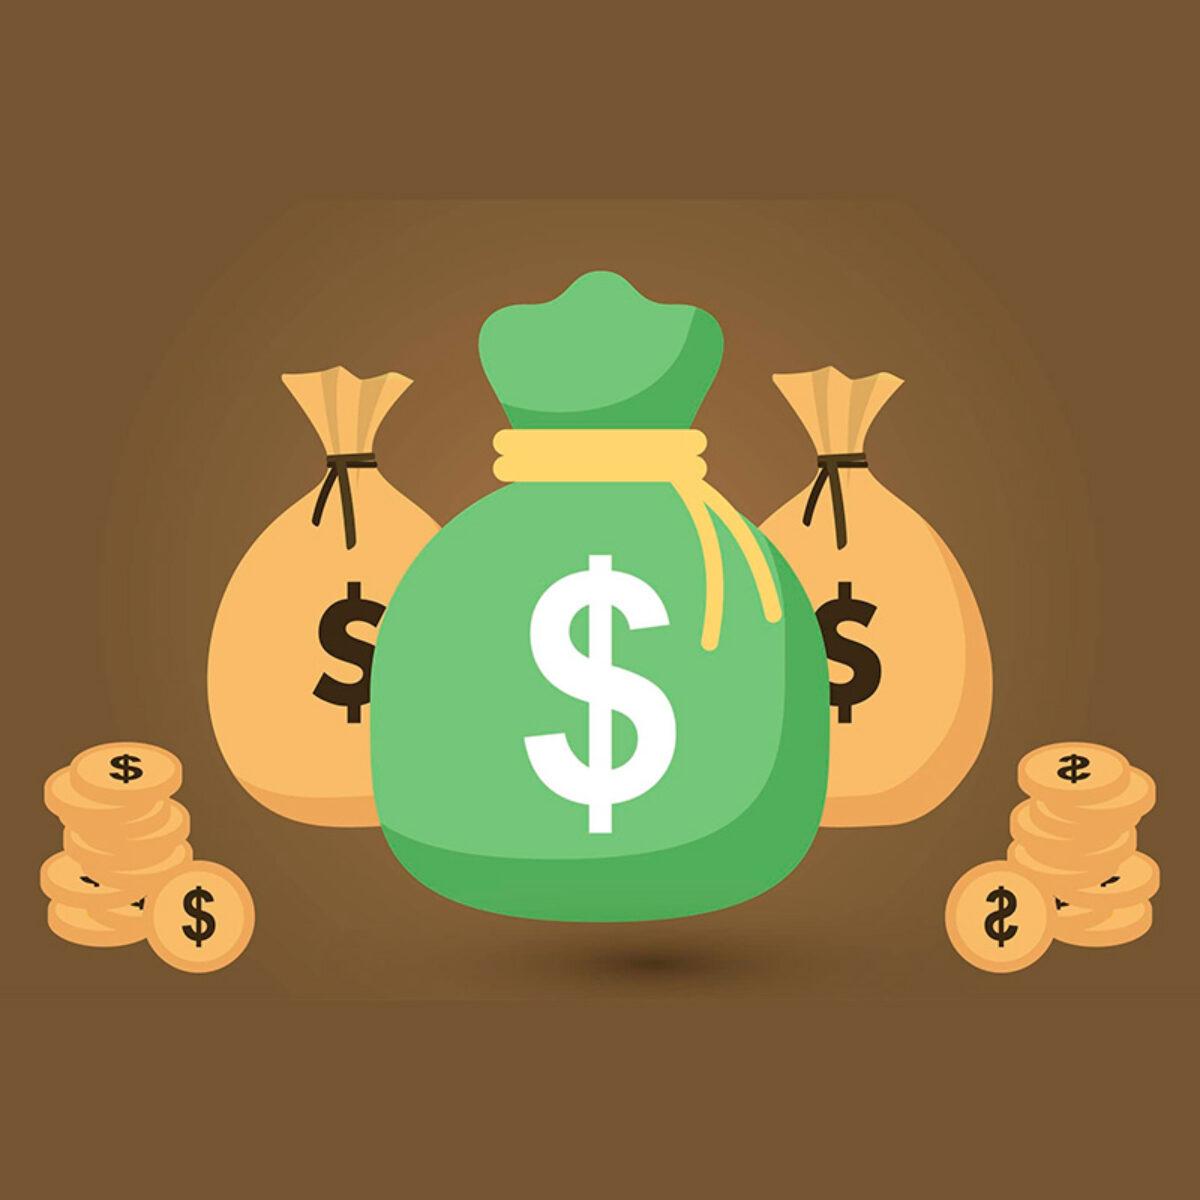 negociação de cfd forex online com spreads baixos reduzidos como ganhar dinheiro na internet se gastar nada